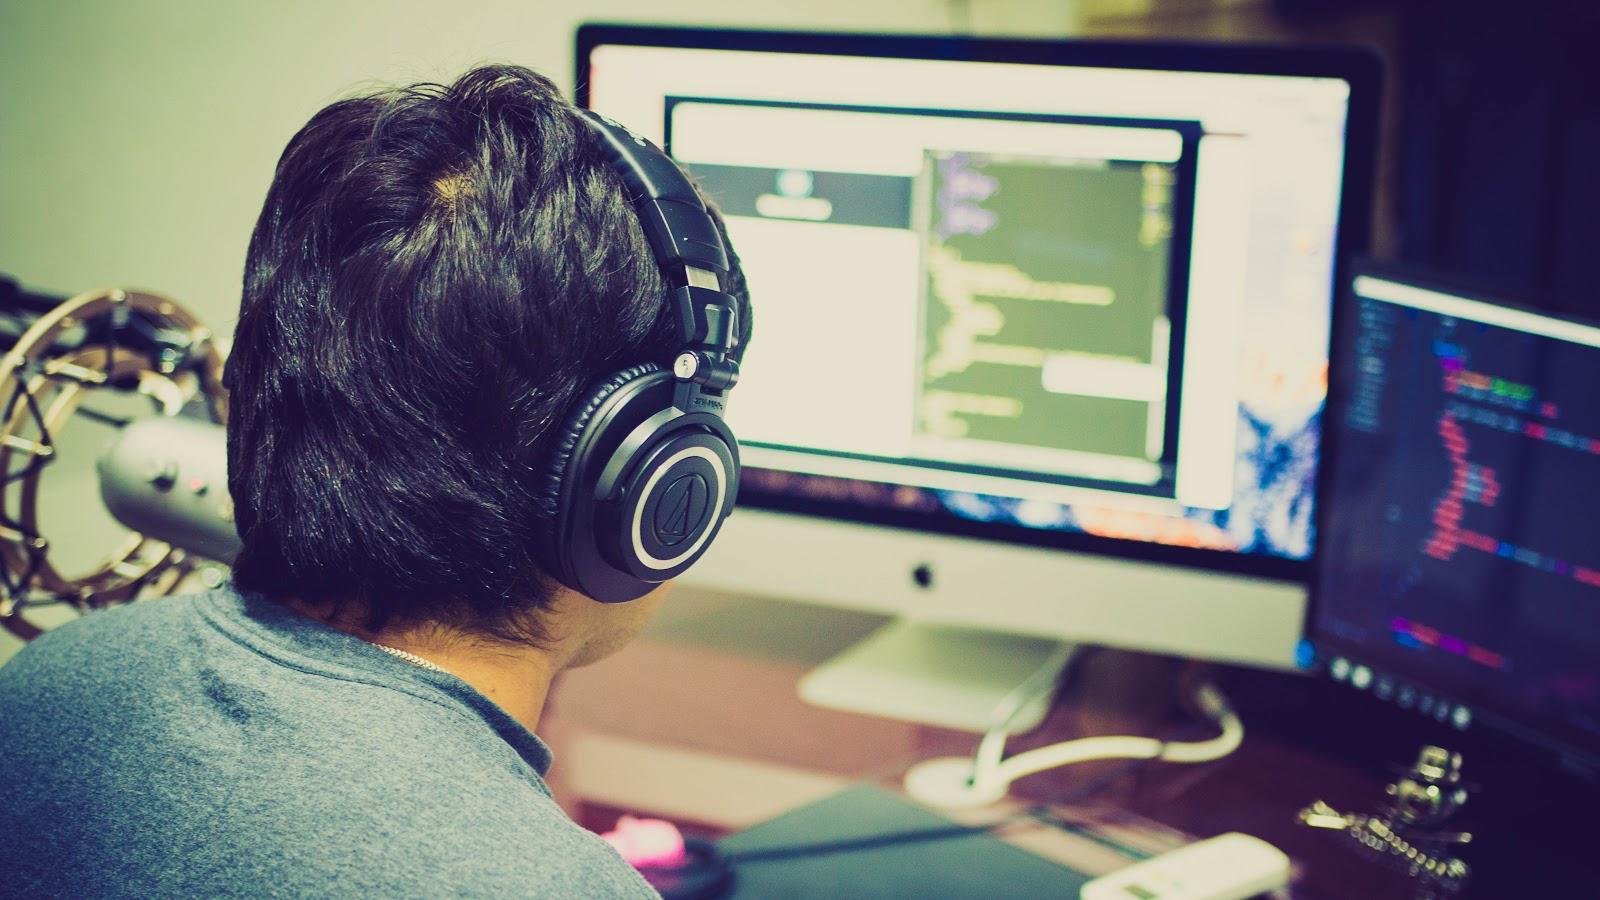 homem-concentrado-nos-computadores-a-ouvir-musica-nos-fones